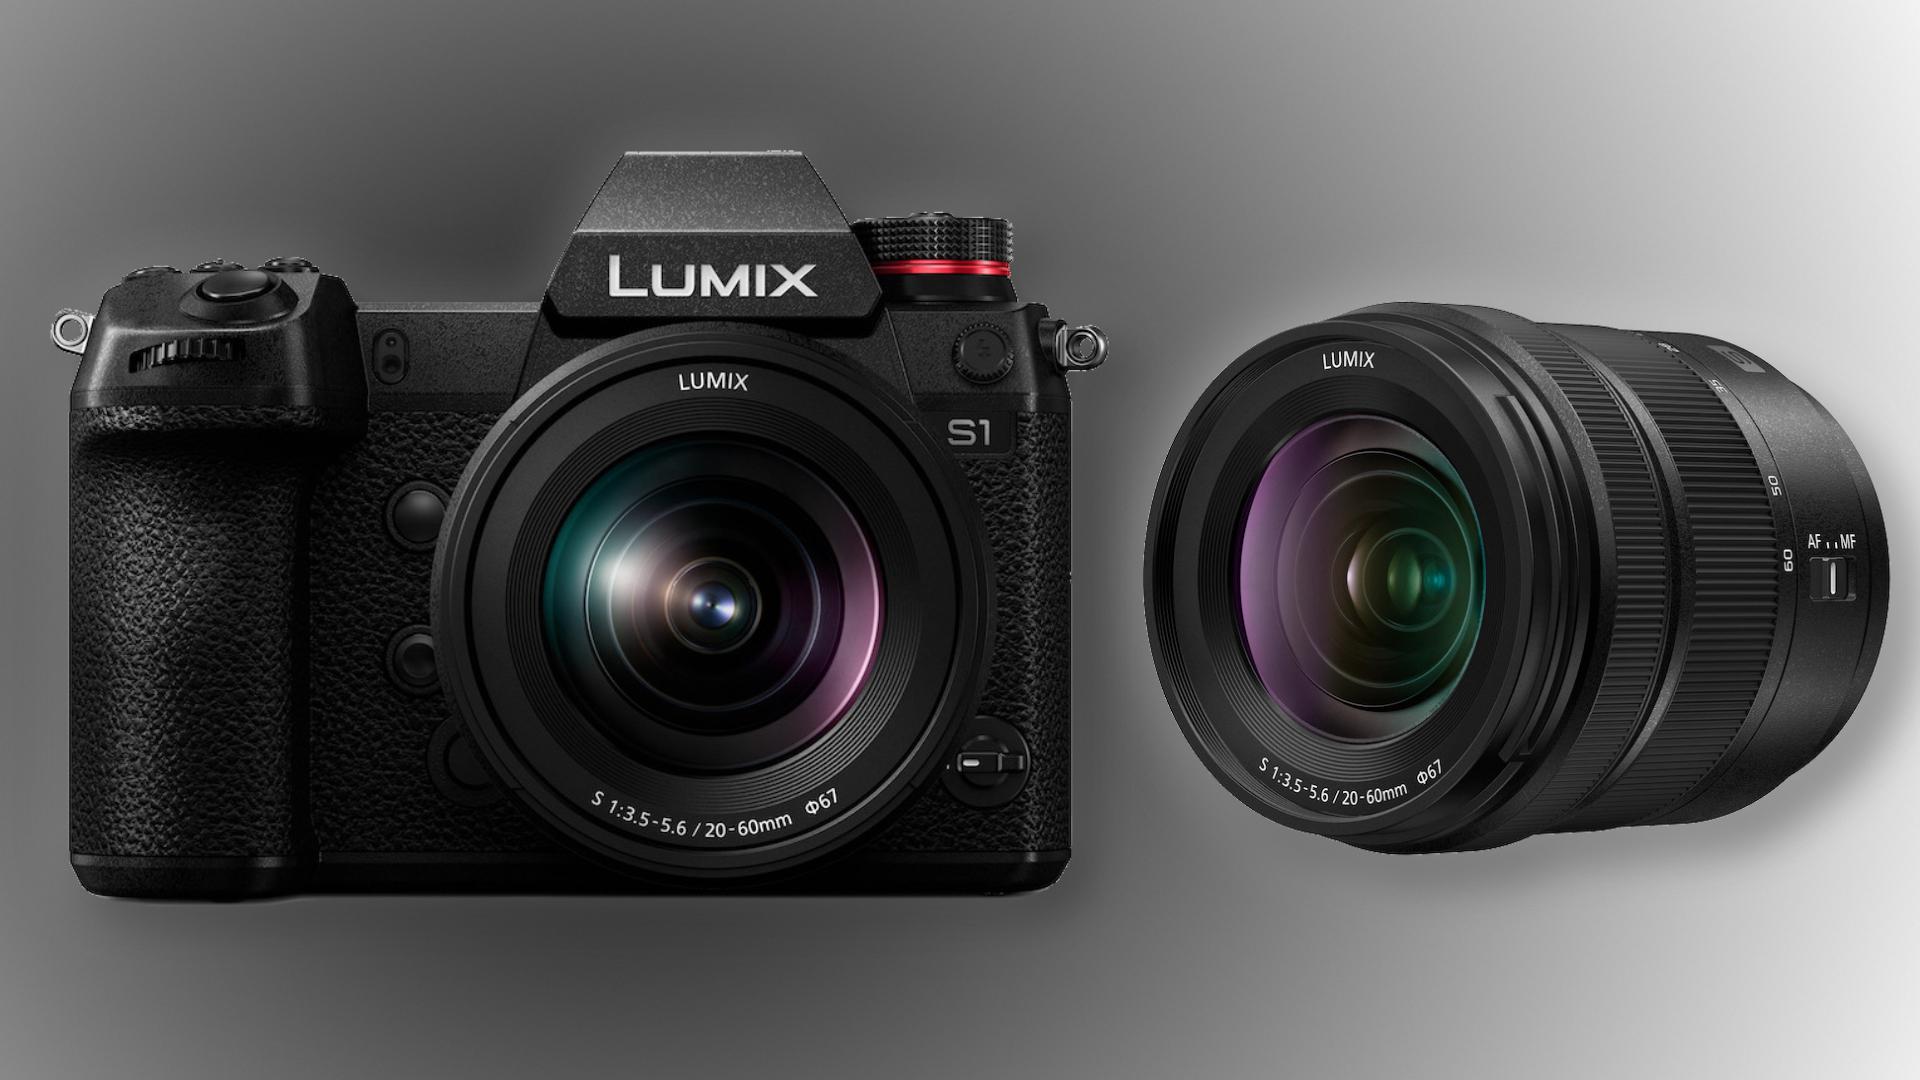 Panasonic Lumix S 20-60mm f/3.5-5.6 - El nuevo lente zoom compacto con montura L